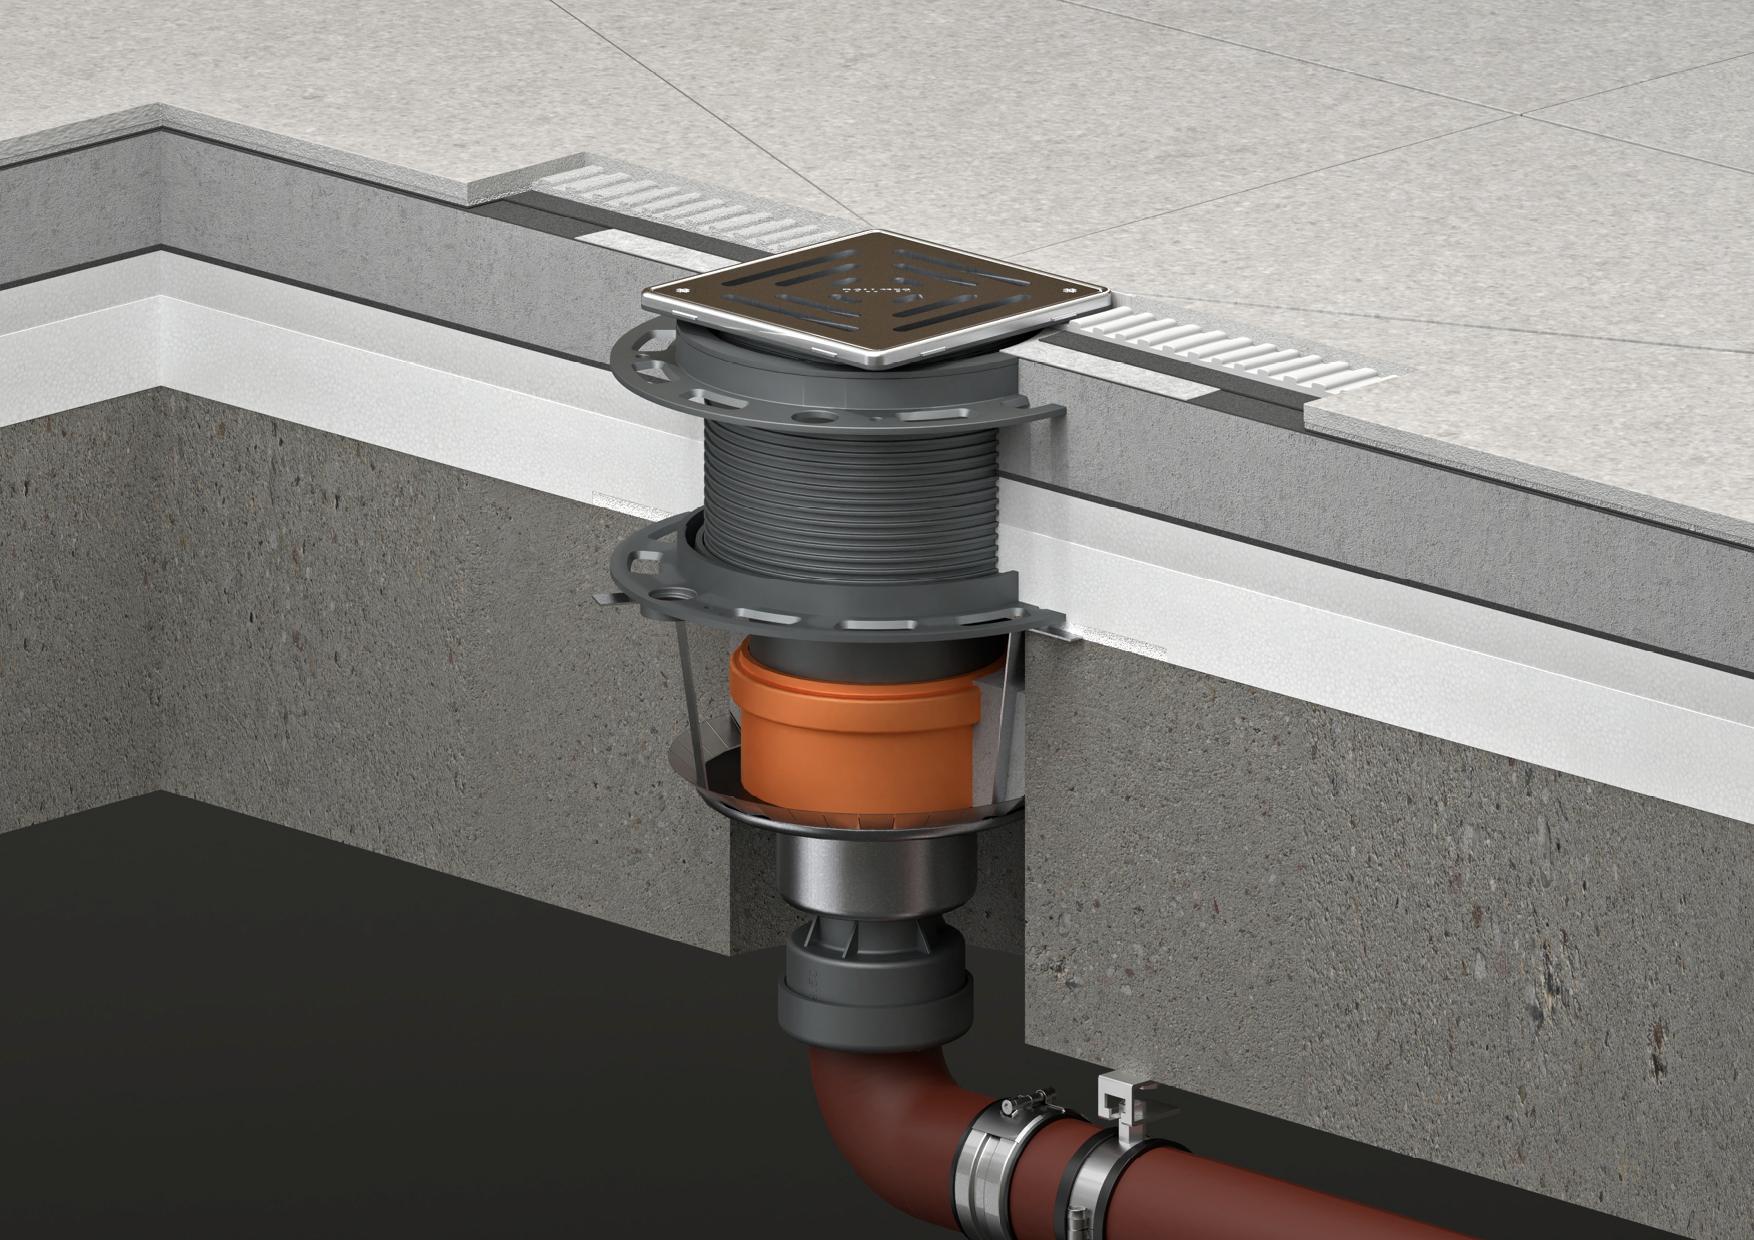 Innovatives System für die Punktentwässerung: DallDrain von Dallmer. Foto:Dallmer GmbH + Co. KG